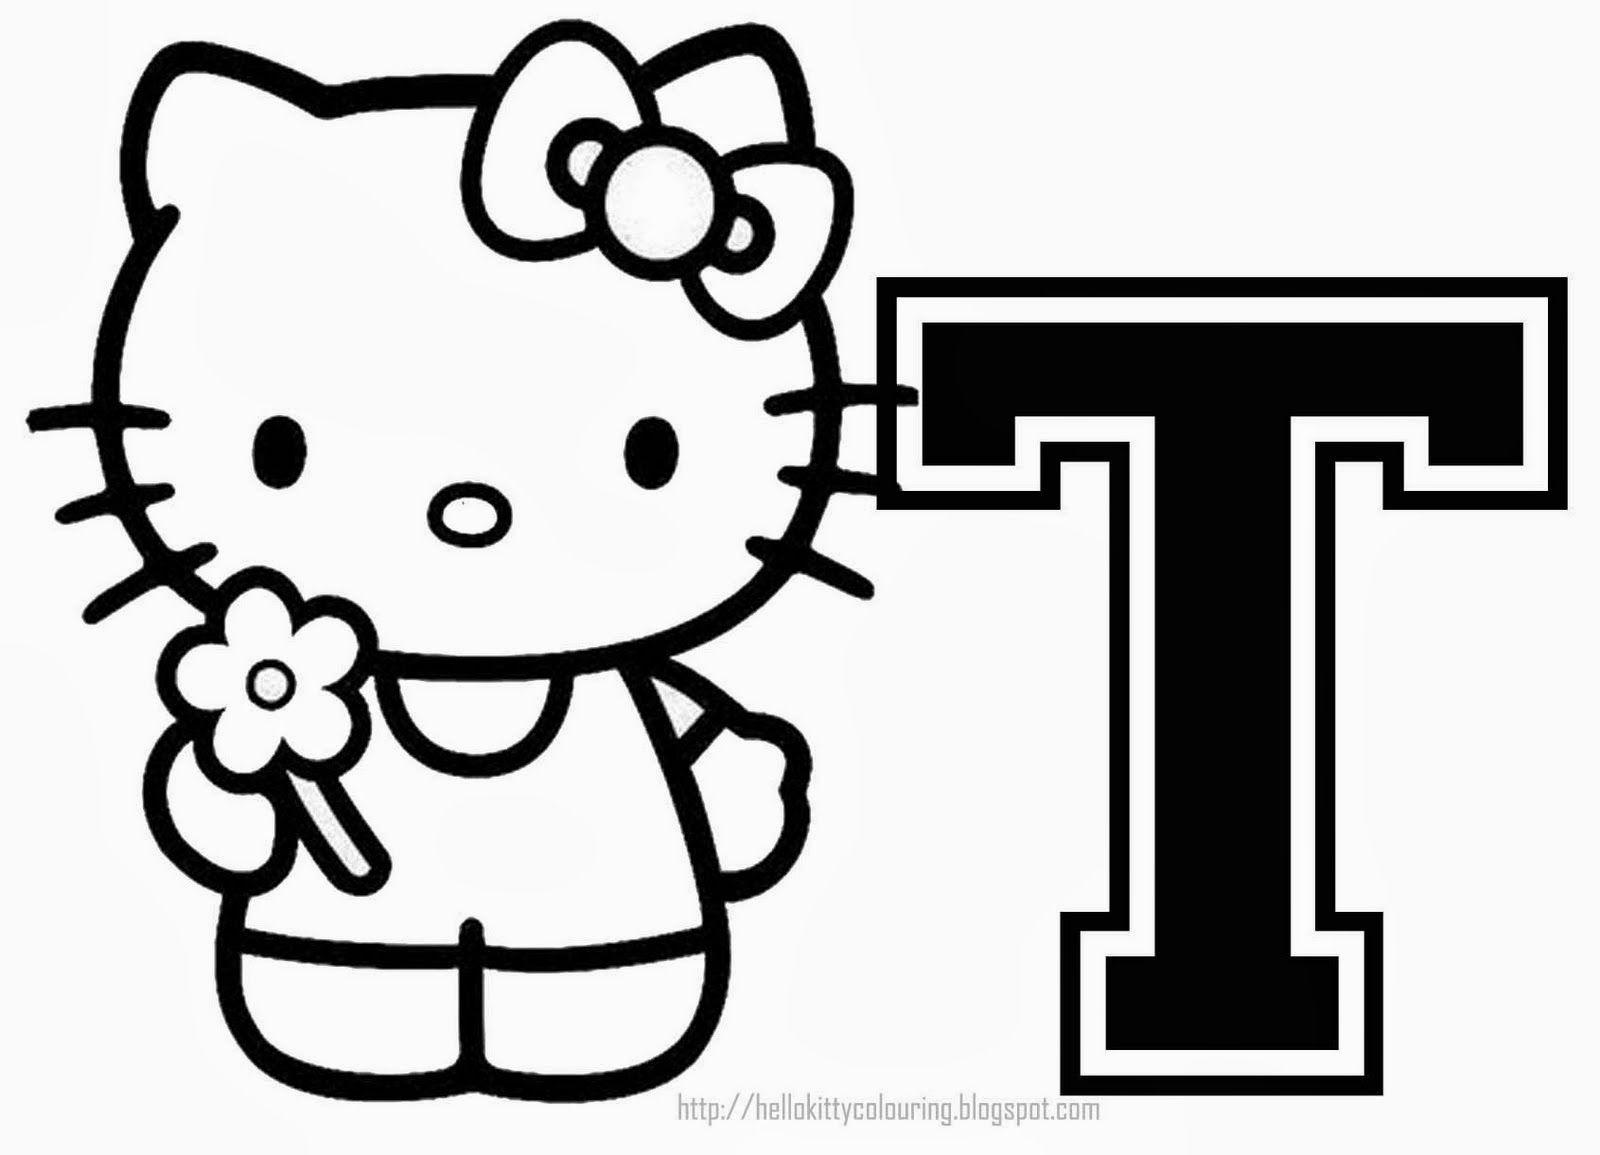 Fein Hallo Kitty Cheerleader Malvorlagen Bilder - Malvorlagen-Ideen ...